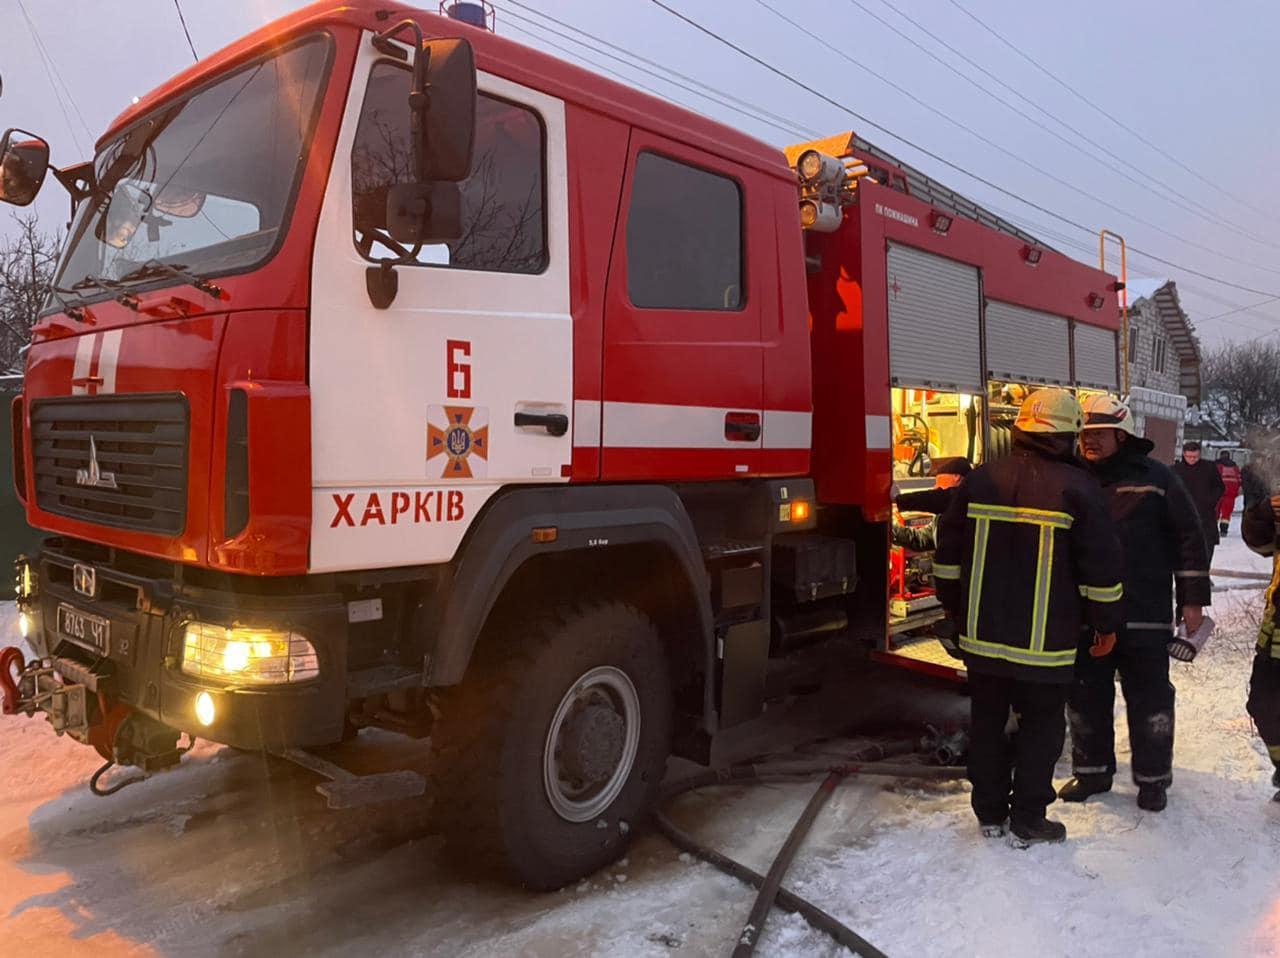 Масштабна пожежа у Харкові: назвали вірогідні причини загоряння - смерть, пожежа, масштабна пожежа, літні люди, загиблі - 140560162 214438070318510 833189730356410050 o